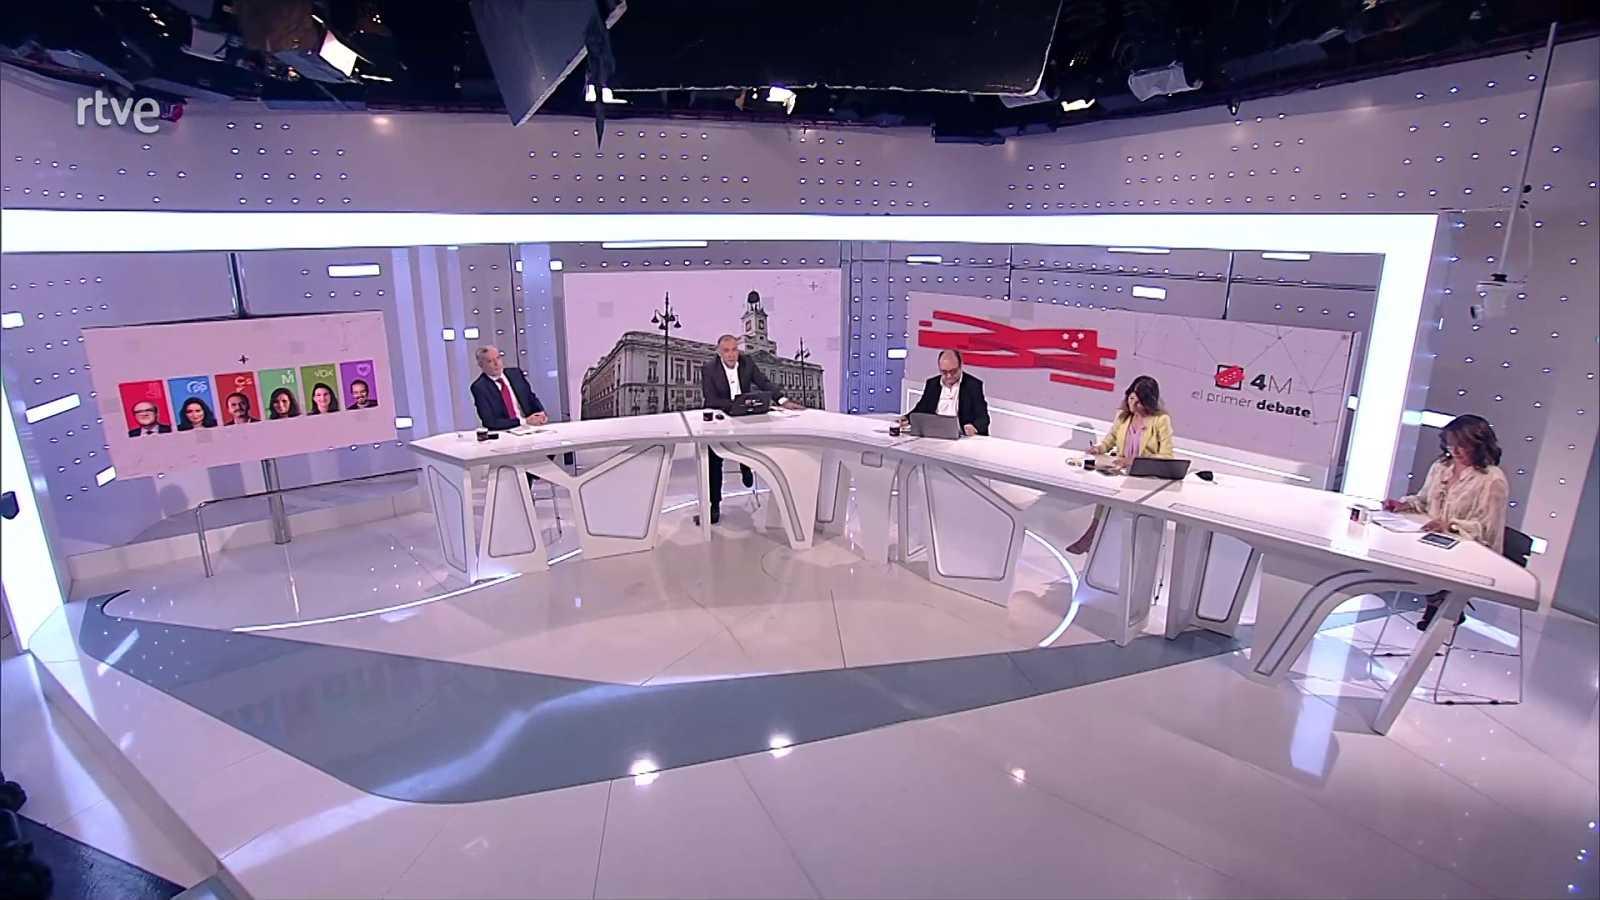 Especial informativo - Post debate elecciones Madrid 4M - ver ahora